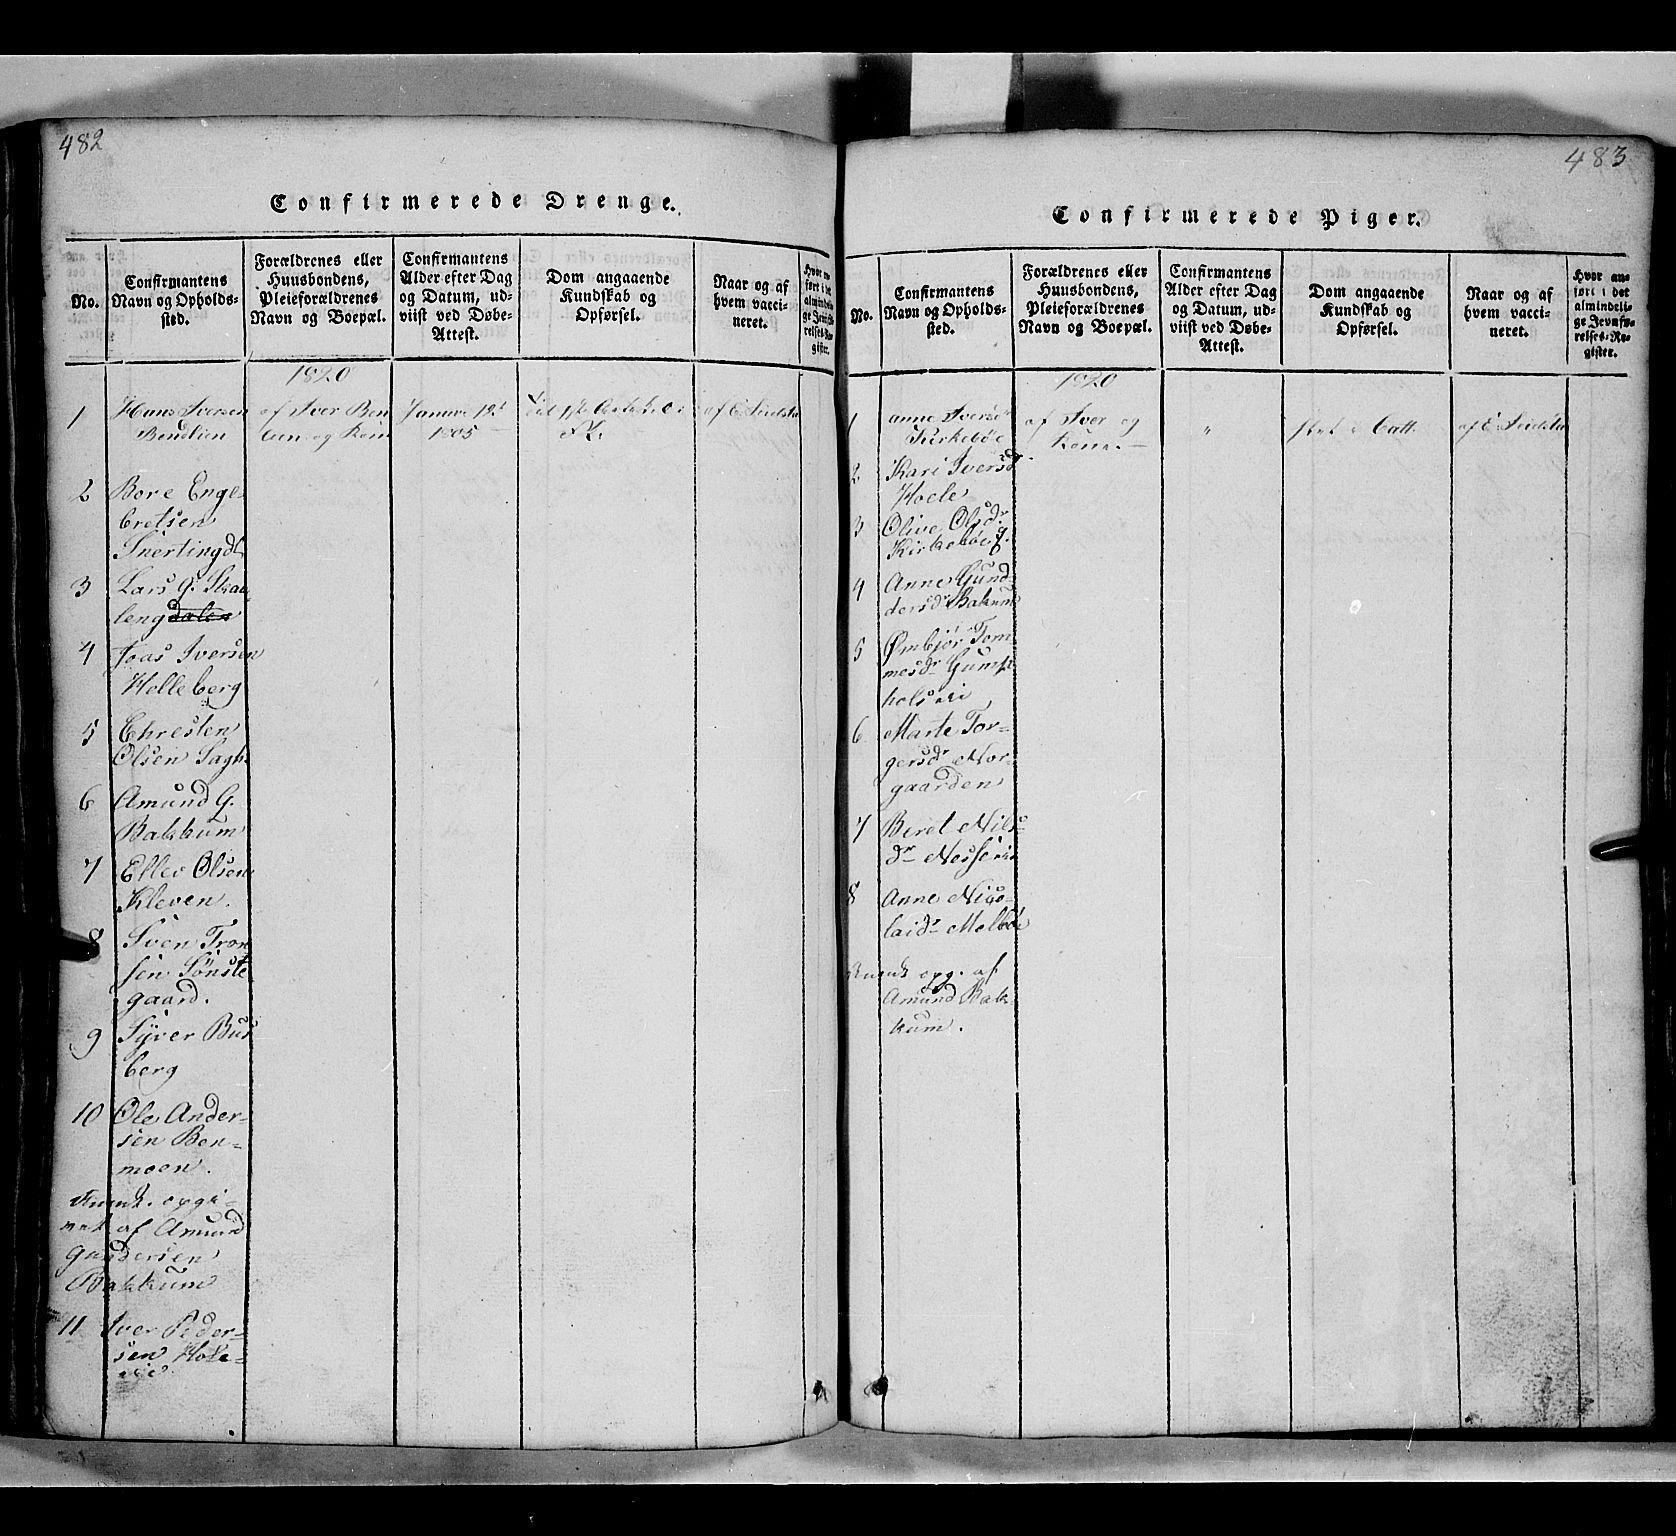 SAH, Gausdal prestekontor, Klokkerbok nr. 2, 1818-1874, s. 482-483